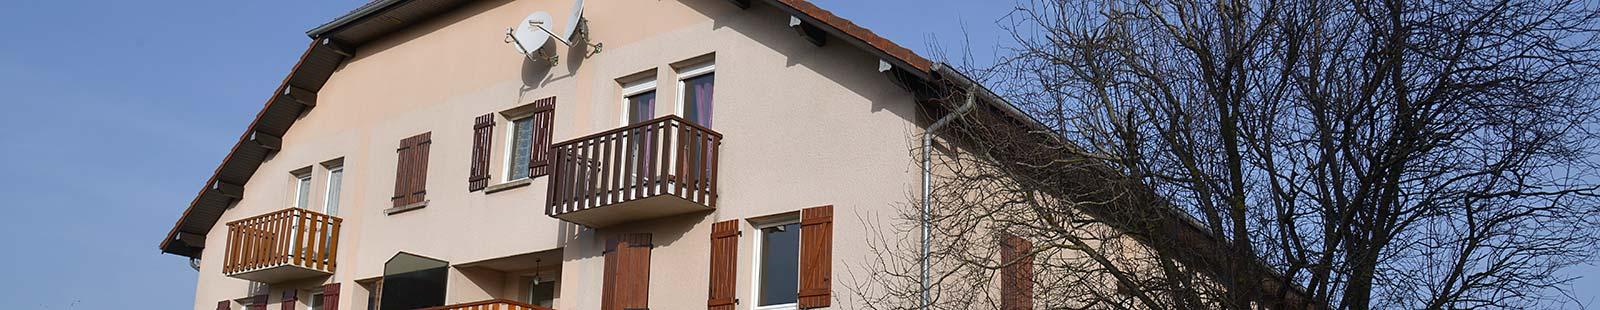 1990 : Le Flandres, place Roger Arnoux à Valdahon – 17  logements et 3 commerces- Architecte Jacques Huguenot.